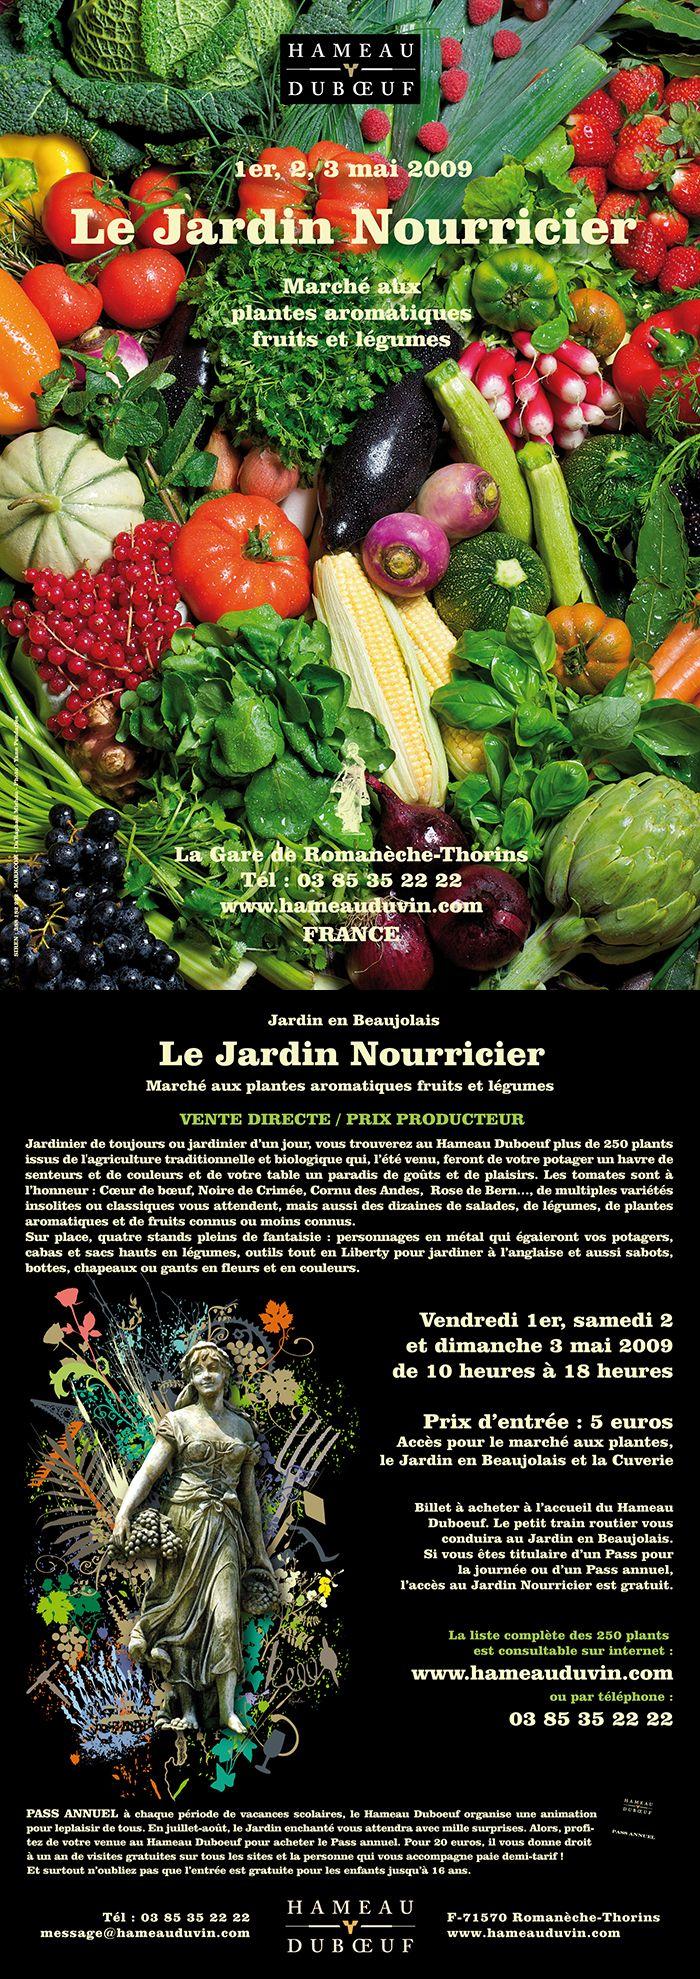 Hameau Dubœuf, Affiche Le Jardin Nourricier, Photo Yann Pendaries, printemps 2009©markcom